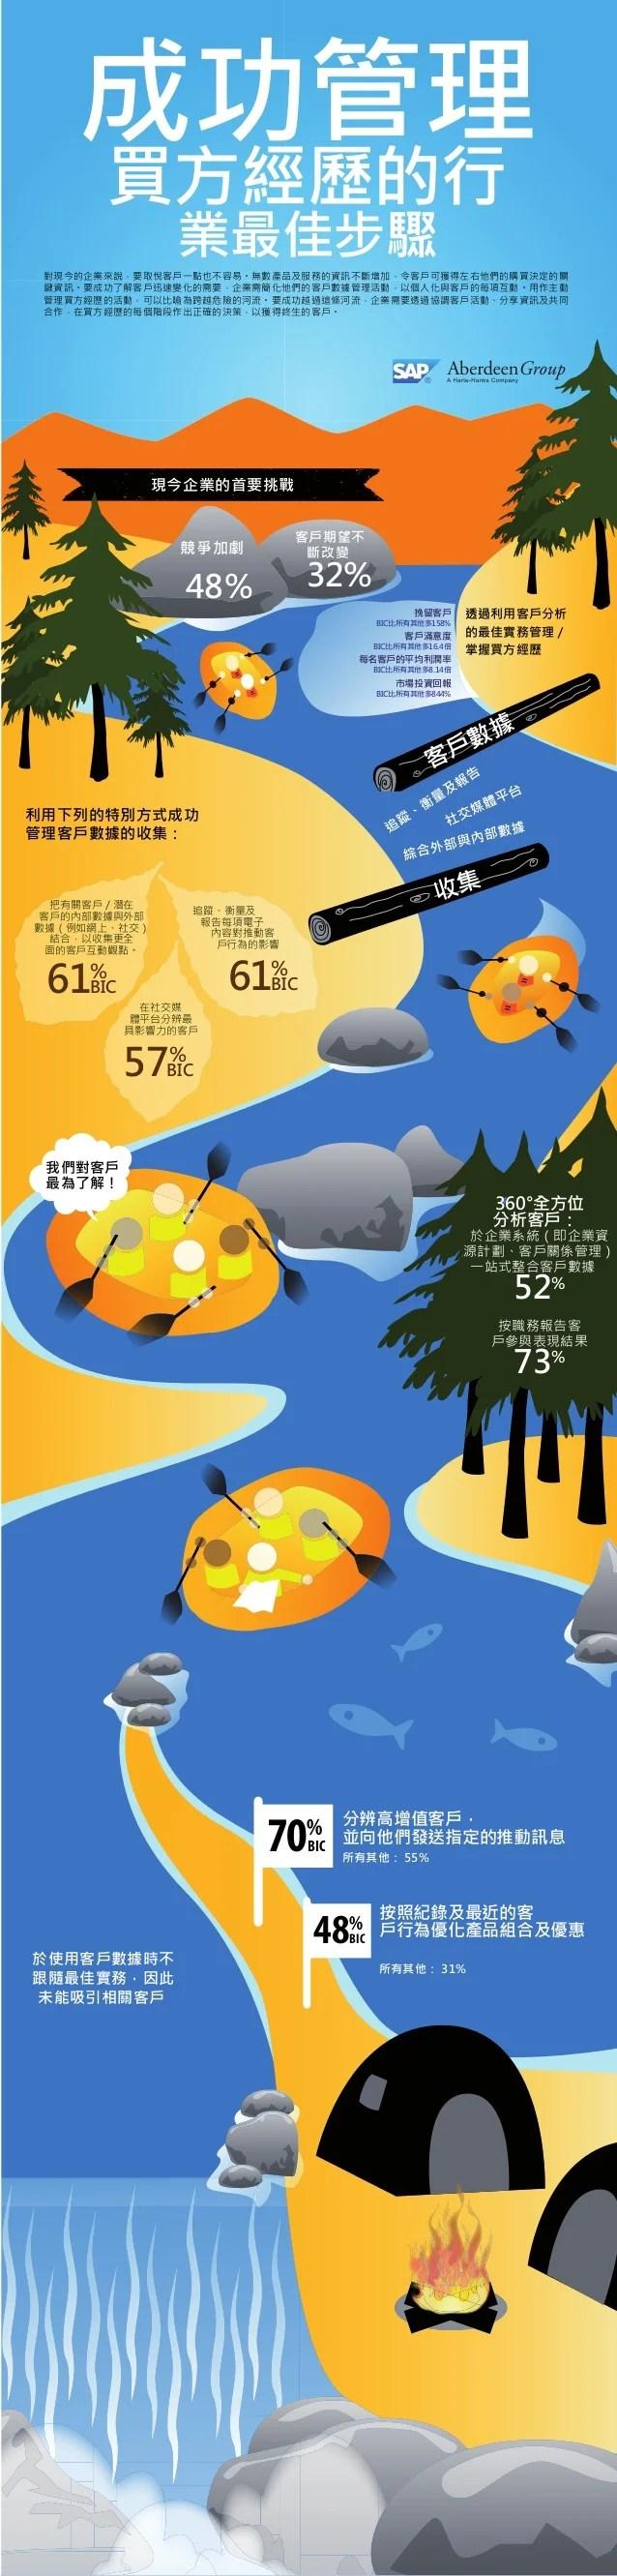 Customer Analytics Infographic (Traditional Chinese)